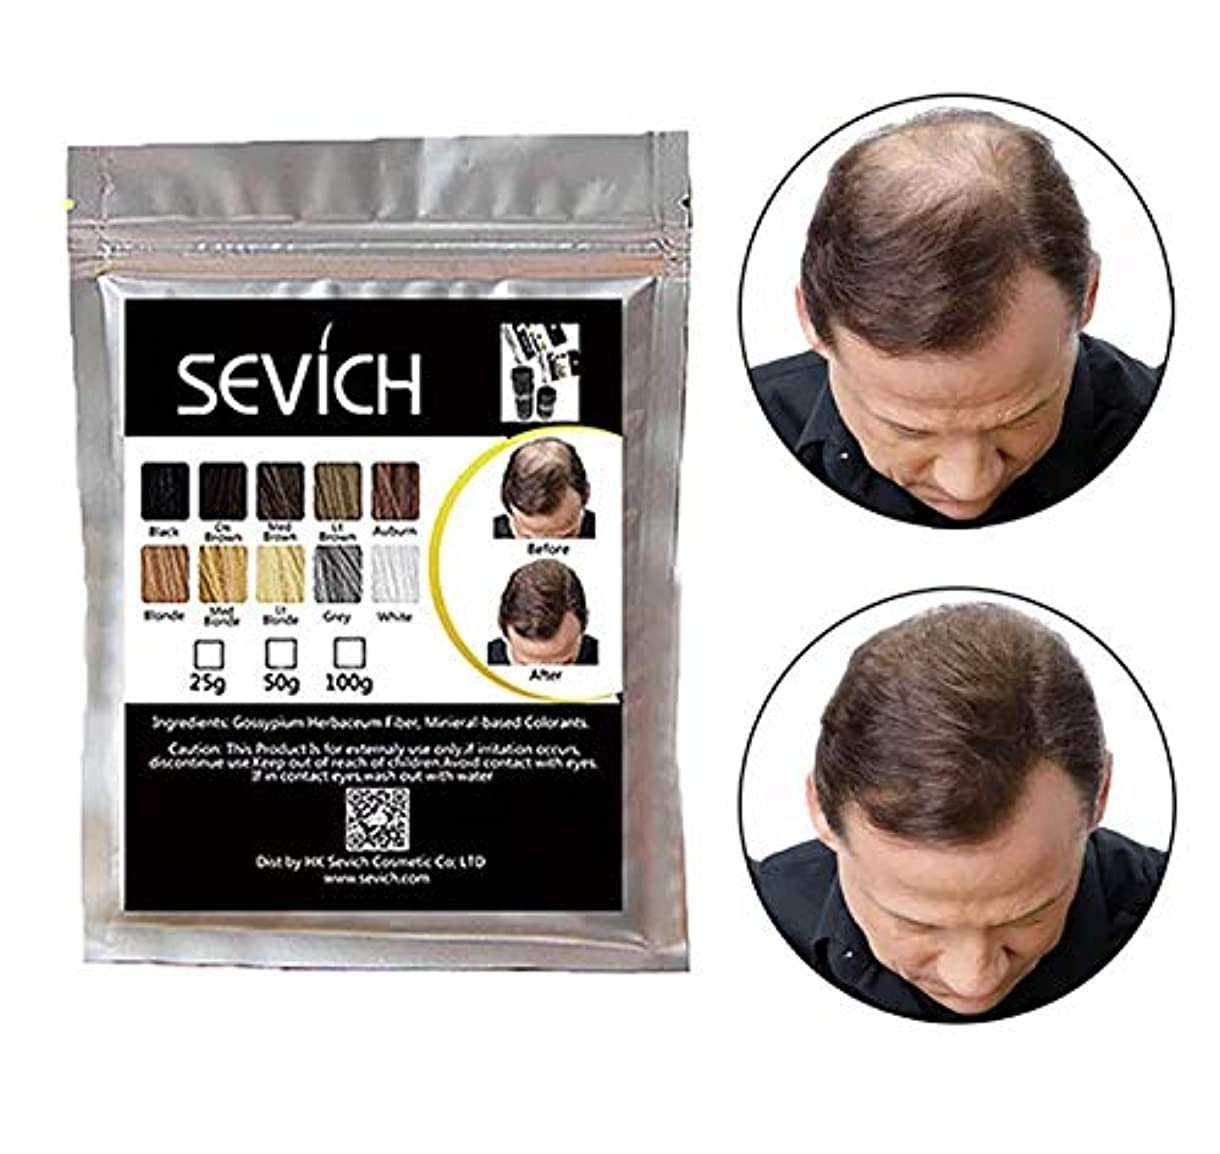 定期的なアプライアンスポケットヘアビルディング 増毛パウダー ミディアムブラウン Medium Brown 100g 詰め替えパック/薄毛対策 白髪 ハゲ隠し Hair Fibers